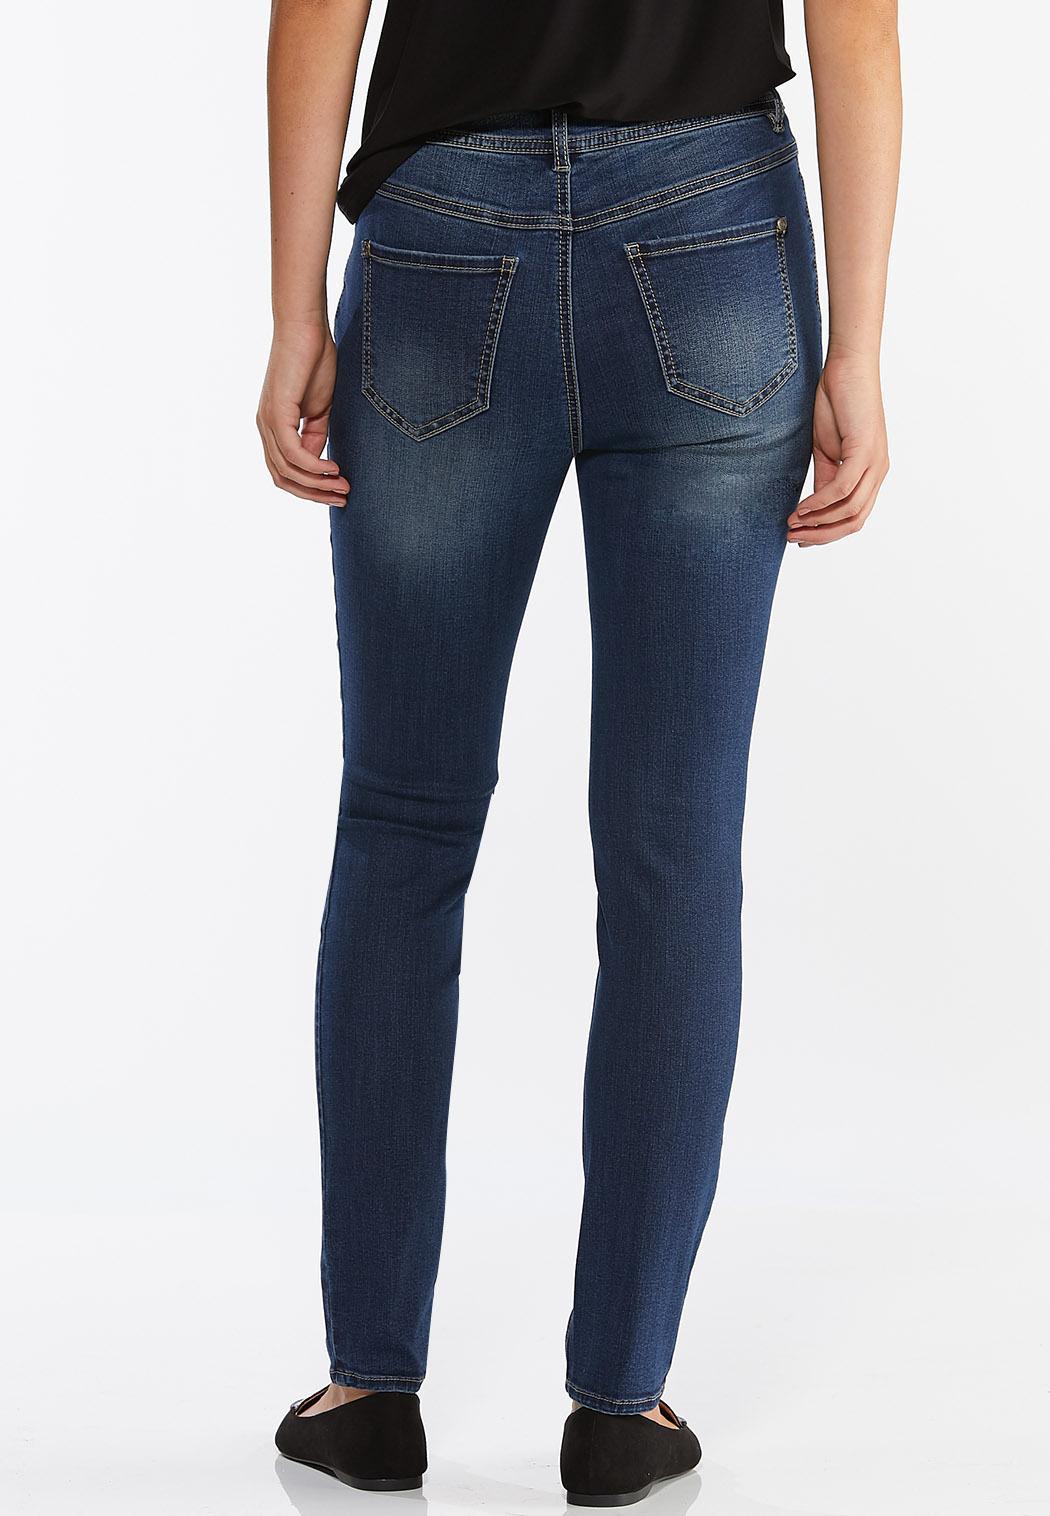 Skinny Jeans (Item #44332125)